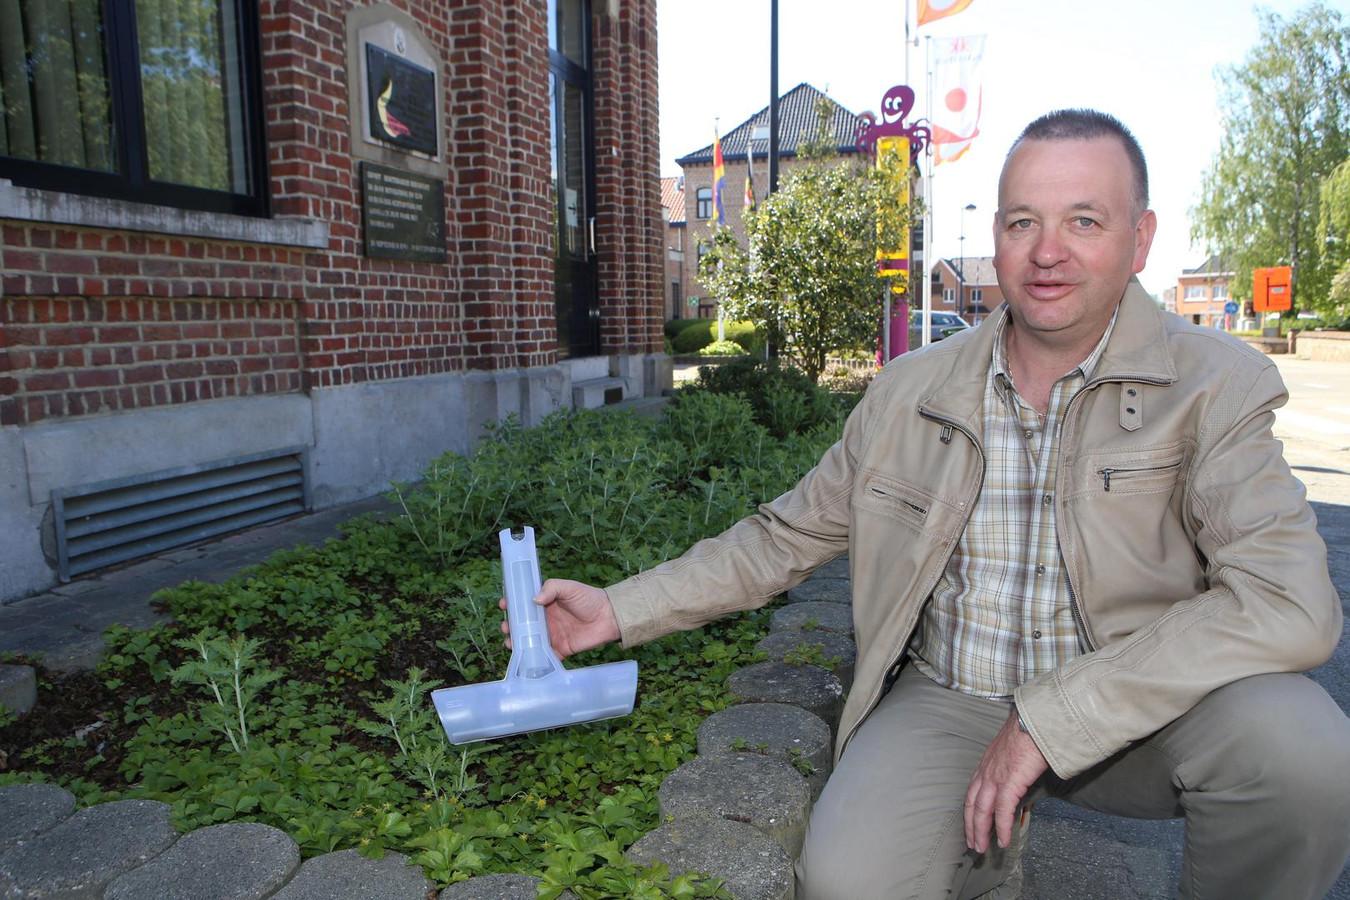 Schepen van Milieu Erwin Thomas met een te kleine rattenval in de hand.